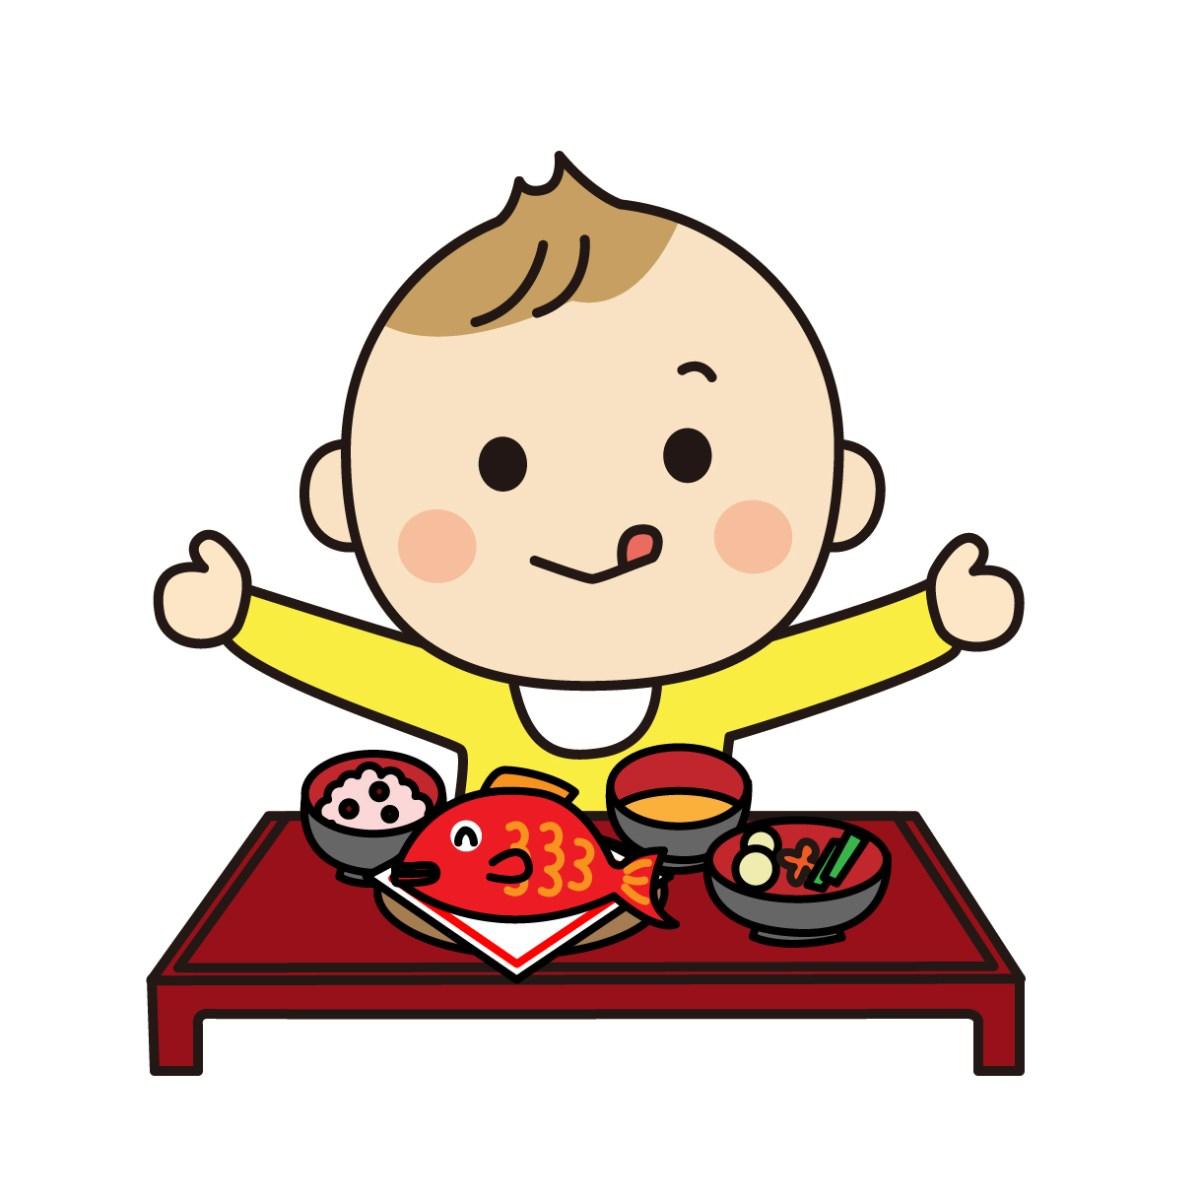 お食い初めの赤ちゃんの服装を選ぶポイント百日祝いにおすすめの衣装